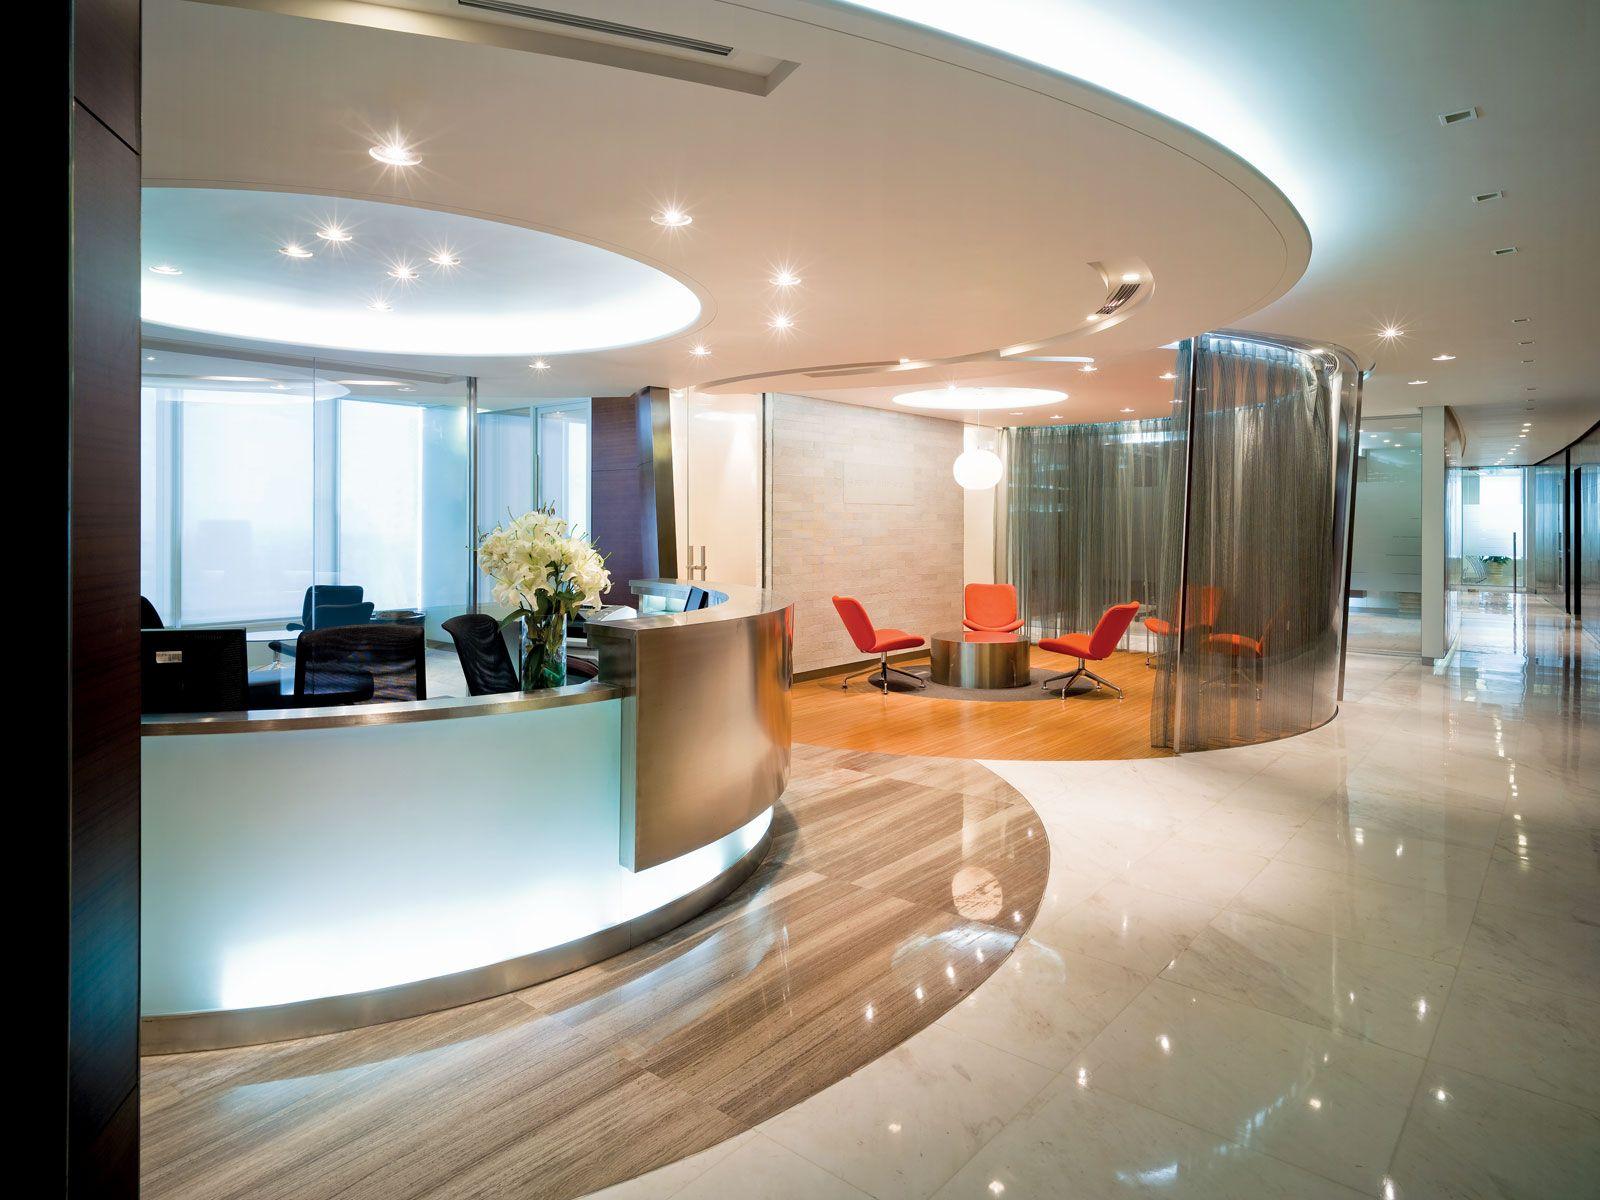 office interior design (4)